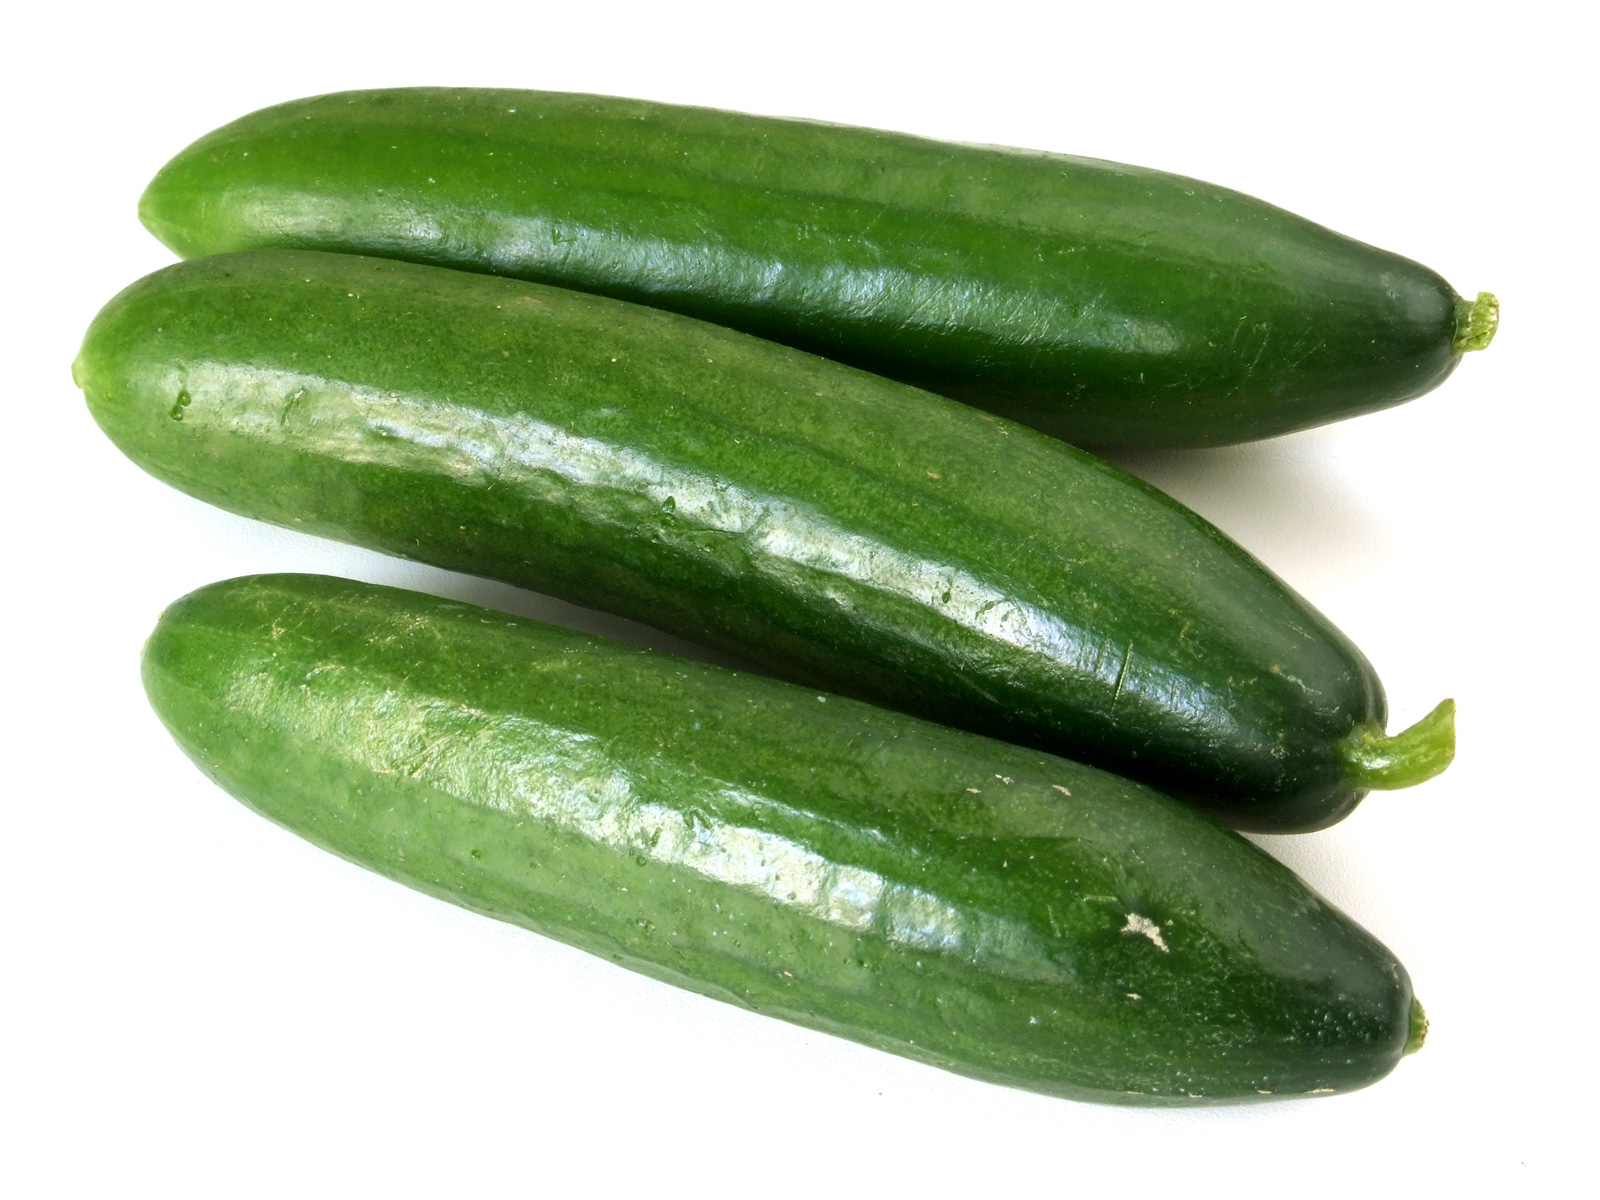 Salatalığın ilginç kullanım alanları